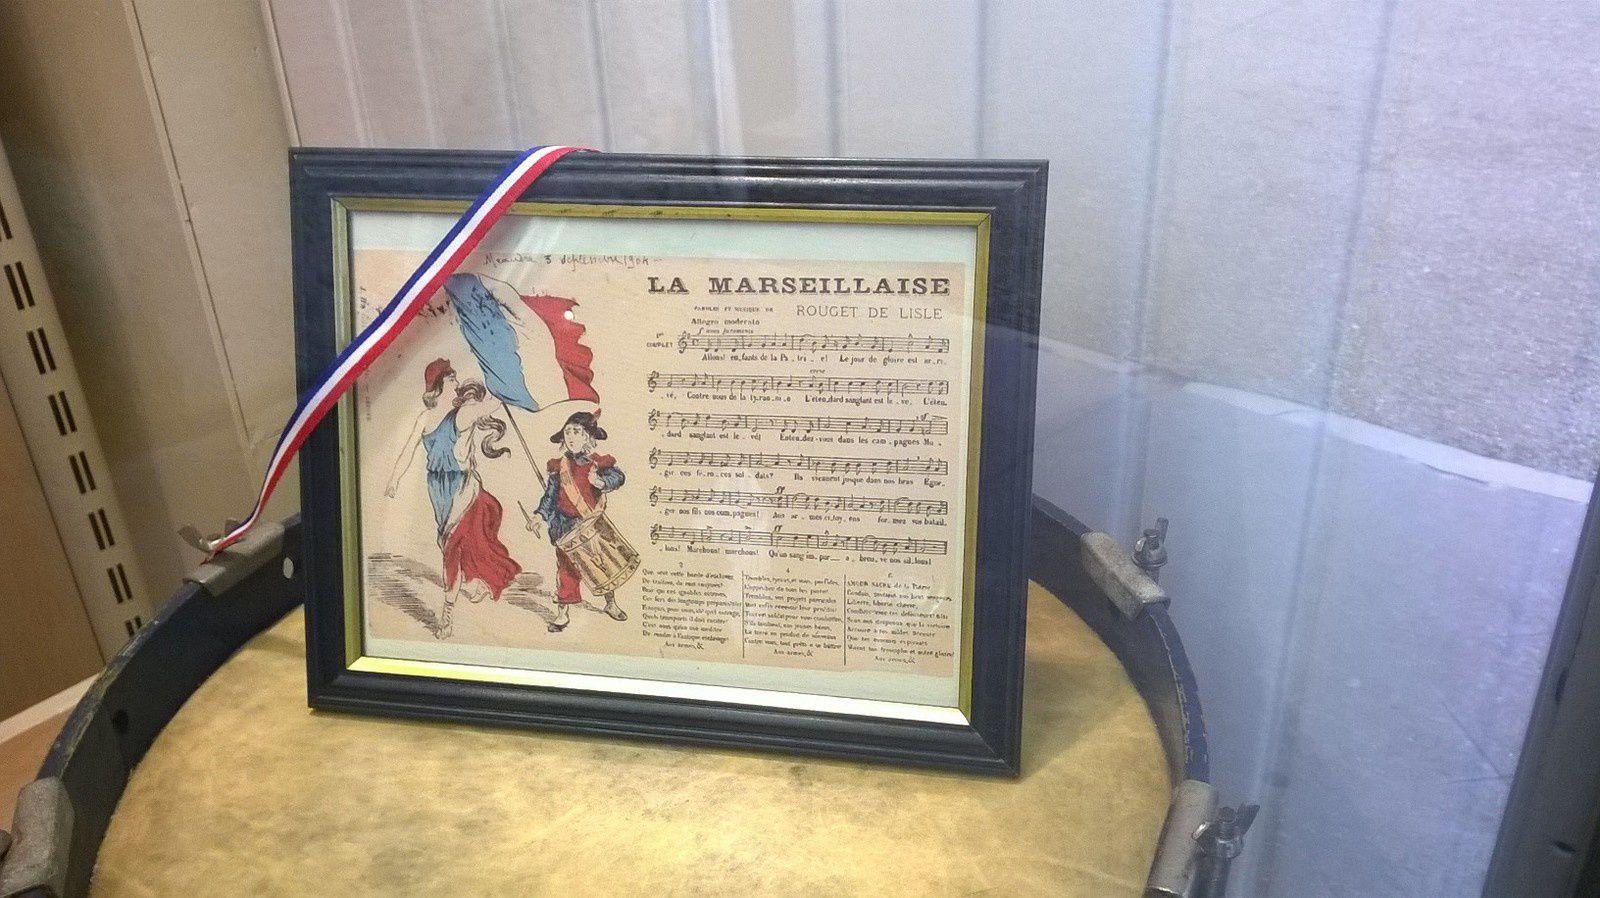 violon sur lequel Rouget de Lisle composa la musique de La Marseillaise dans la nuit du 25 au 26 avril  2016. Exposé au musée le-Saunier, photo J.D. 4 juillet 2016 et document daté du 3 septembre 1904, photo Anne Delisle-Dugast le 4 juillet 2016 rue du Commerce à Lons-le-Saunier